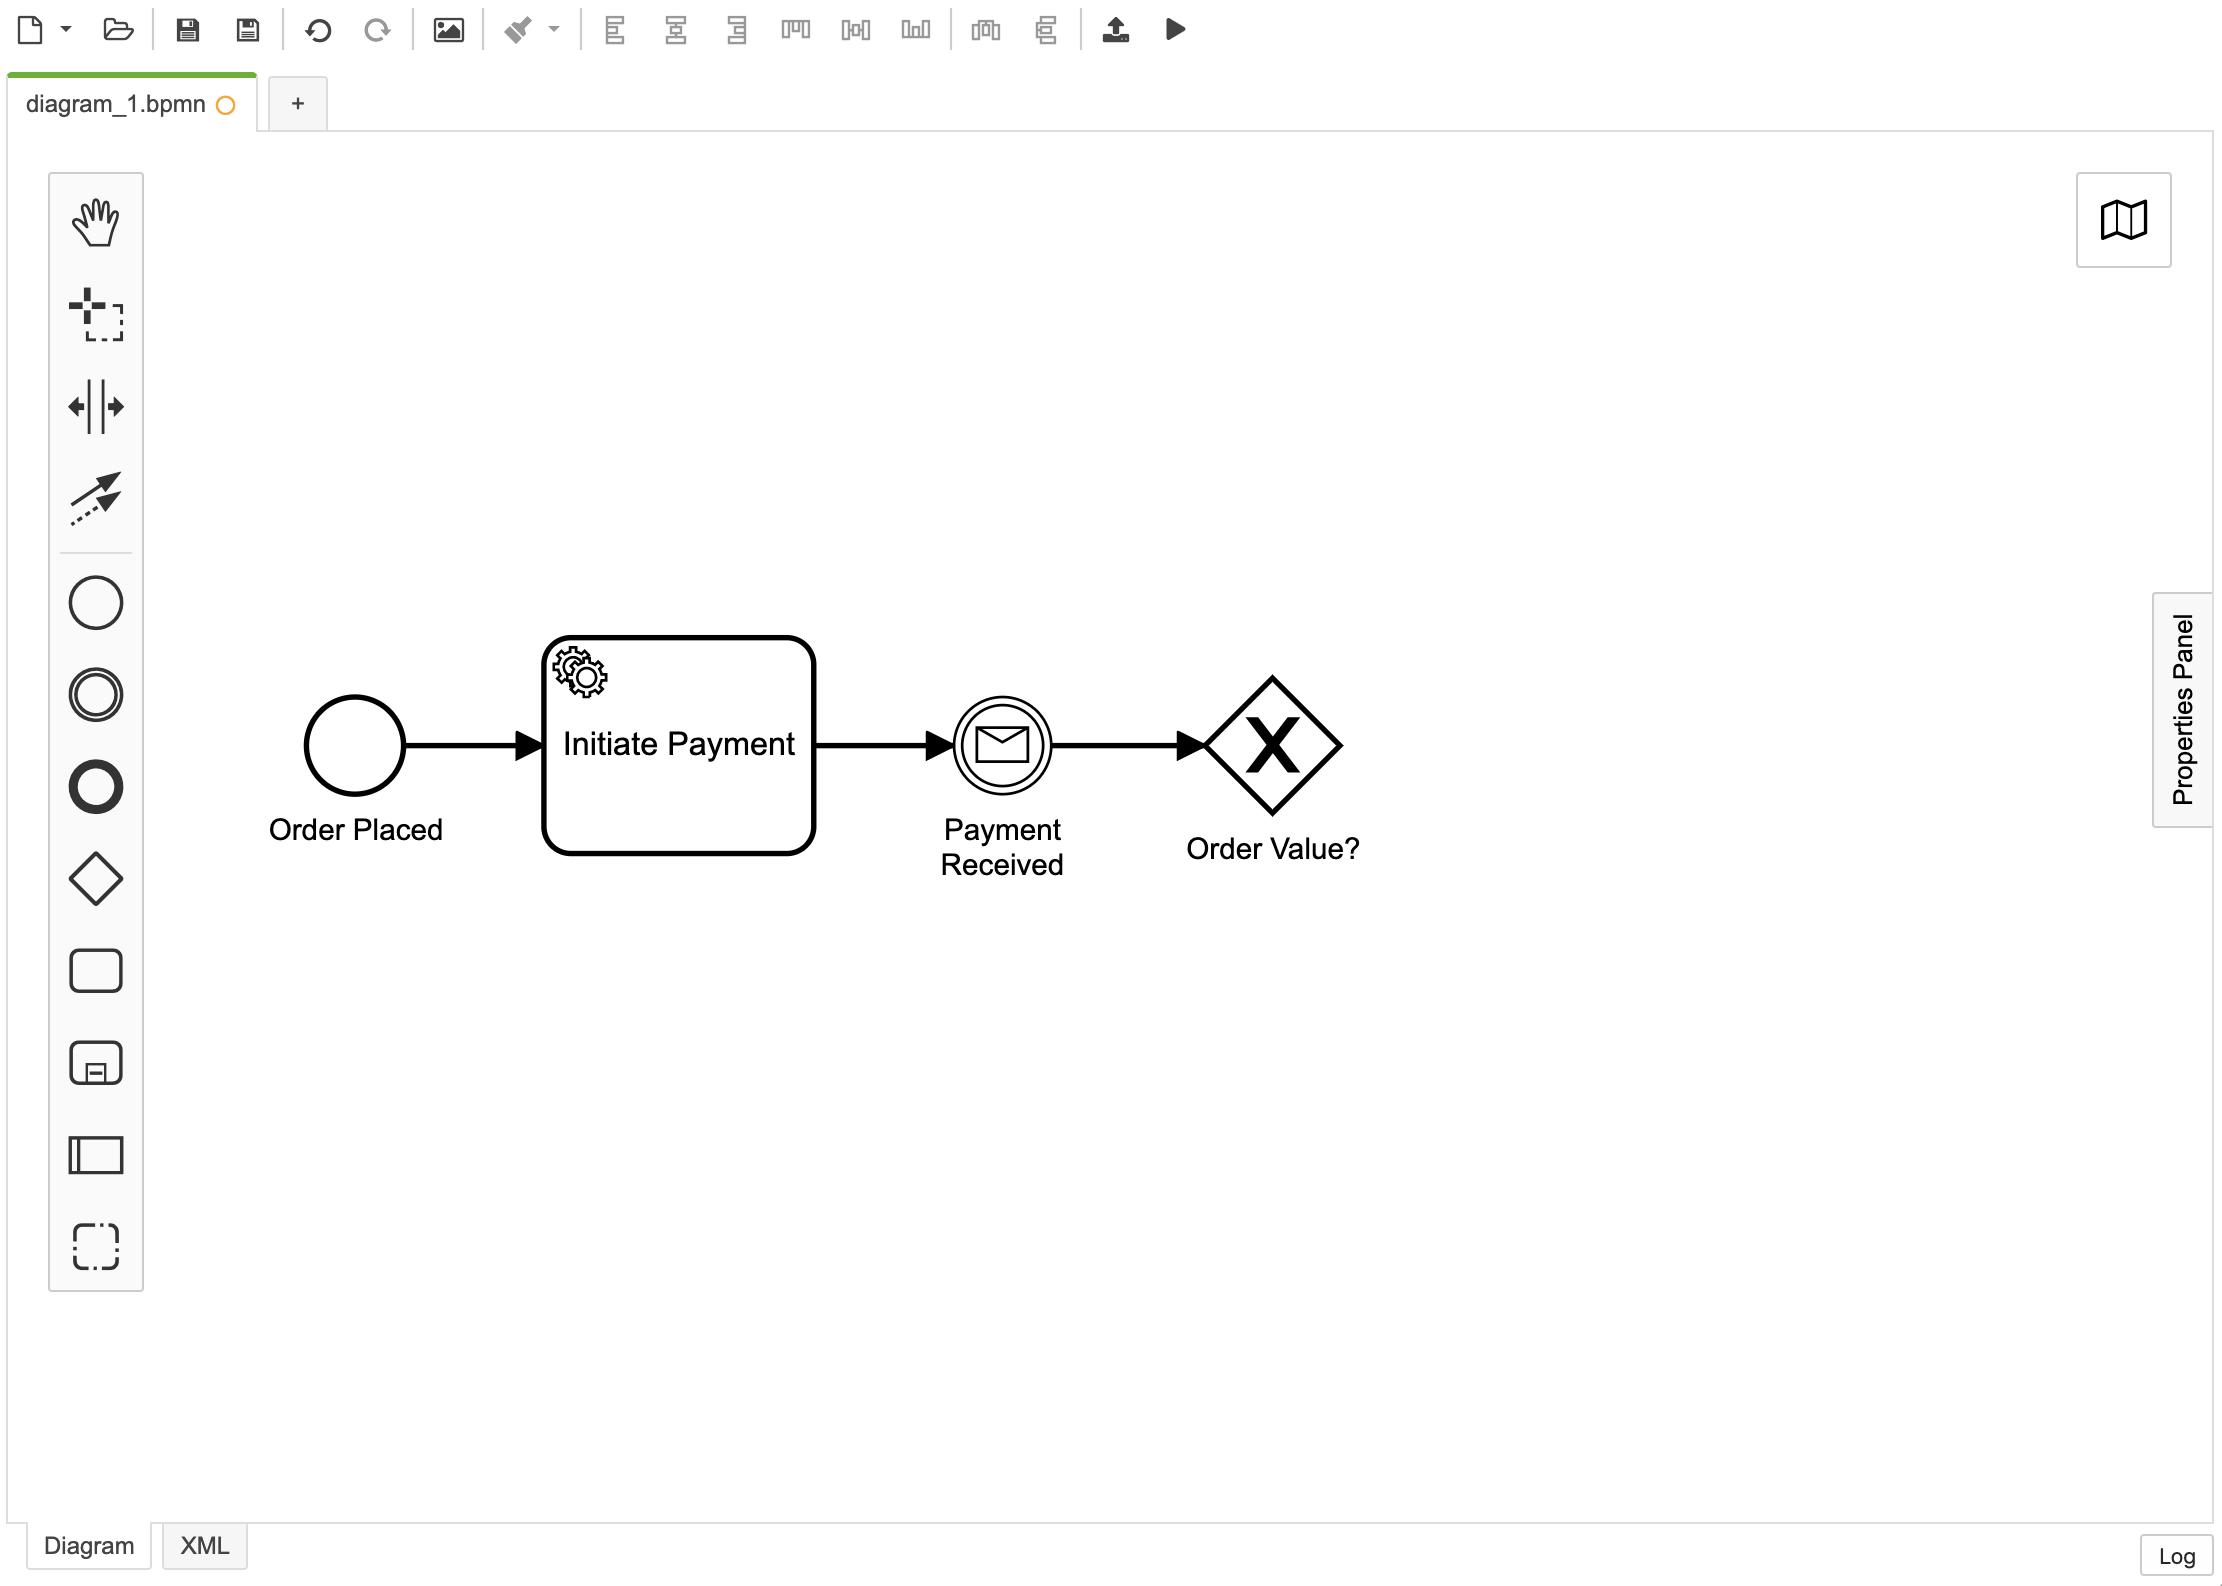 在模型中标记专有网关